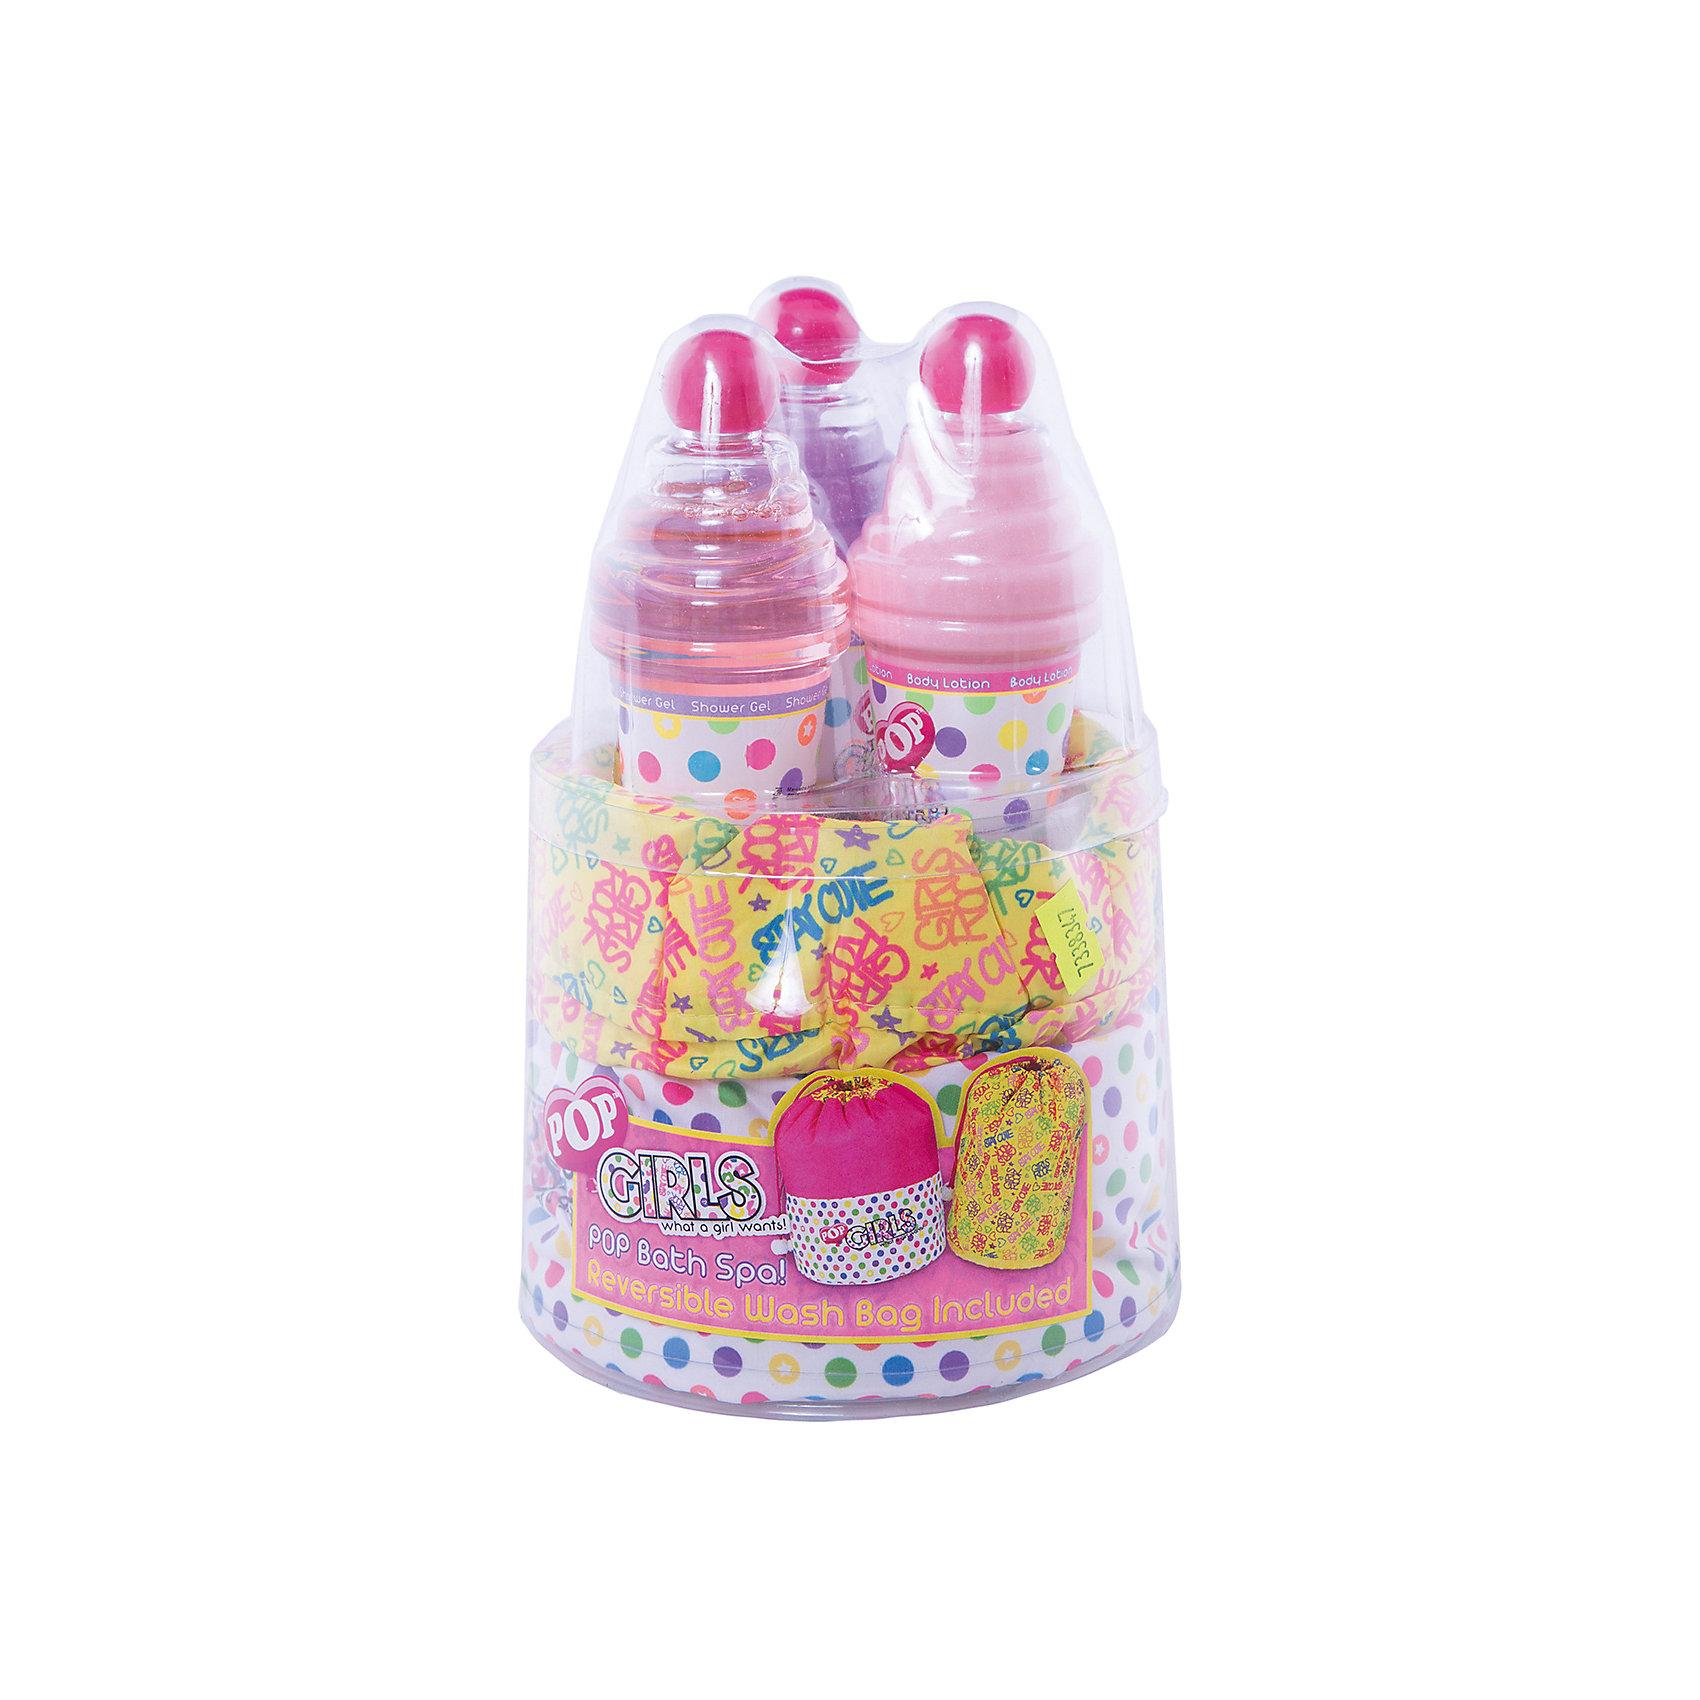 Игровой набор детской декоративной косметики POP для душаНаборы детской косметики<br>Характеристики:<br><br>• Наименование: детская декоративная косметика<br>• Предназначение: для сюжетно-ролевых игр<br>• Пол: для девочки<br>• Материал: натуральные косметические компоненты, пластик<br>• Цвет: синий, розовый, красный и др.<br>• Комплектация: гель для душа, крем для тела, мерцающий гель для тела с блестками, сумочка<br>• Размеры (Д*Ш*В): 24*15*15 см<br>• Вес: 495 г <br>• Упаковка: водонепроницаемая сумочка<br><br>Игровой набор детской декоративной косметики POP для душа – это набор игровой детской косметики от Markwins, которая вот уже несколько десятилетий специализируется на выпуске детской косметики. Рецептура декоративной детской косметики разработана совместно с косметологами и медиками, в основе рецептуры – водная основа, а потому она гипоаллергенны, не вызывает раздражений на детской коже и легко смывается, не оставляя следа. Безопасность продукции подтверждена международными сертификатами качества и безопасности. <br>Игровой набор детской декоративной косметики POP состоит из косметических средств для принятия душа и ухода за кожей после гигиенических процедур. Флакончики с гелями и кремами упакованы в водонепроницаемый яркий мешочек-сумочку. Гигиенические средства, входящие в набор, имеют тонкий нежный аромат, после их использования на коже остается легкое мерцание. Косметические средства, входящие в состав набора, имеют длительный срок хранения – 12 месяцев. Игровой набор детской декоративной косметики POP от Markwins может стать незаменимым праздничным подарком для любой маленькой модницы!<br><br>Игровой набор детской декоративной косметики POP для душа можно купить в нашем интернет-магазине.<br><br>Ширина мм: 152<br>Глубина мм: 157<br>Высота мм: 217<br>Вес г: 499<br>Возраст от месяцев: 48<br>Возраст до месяцев: 192<br>Пол: Женский<br>Возраст: Детский<br>SKU: 4547902